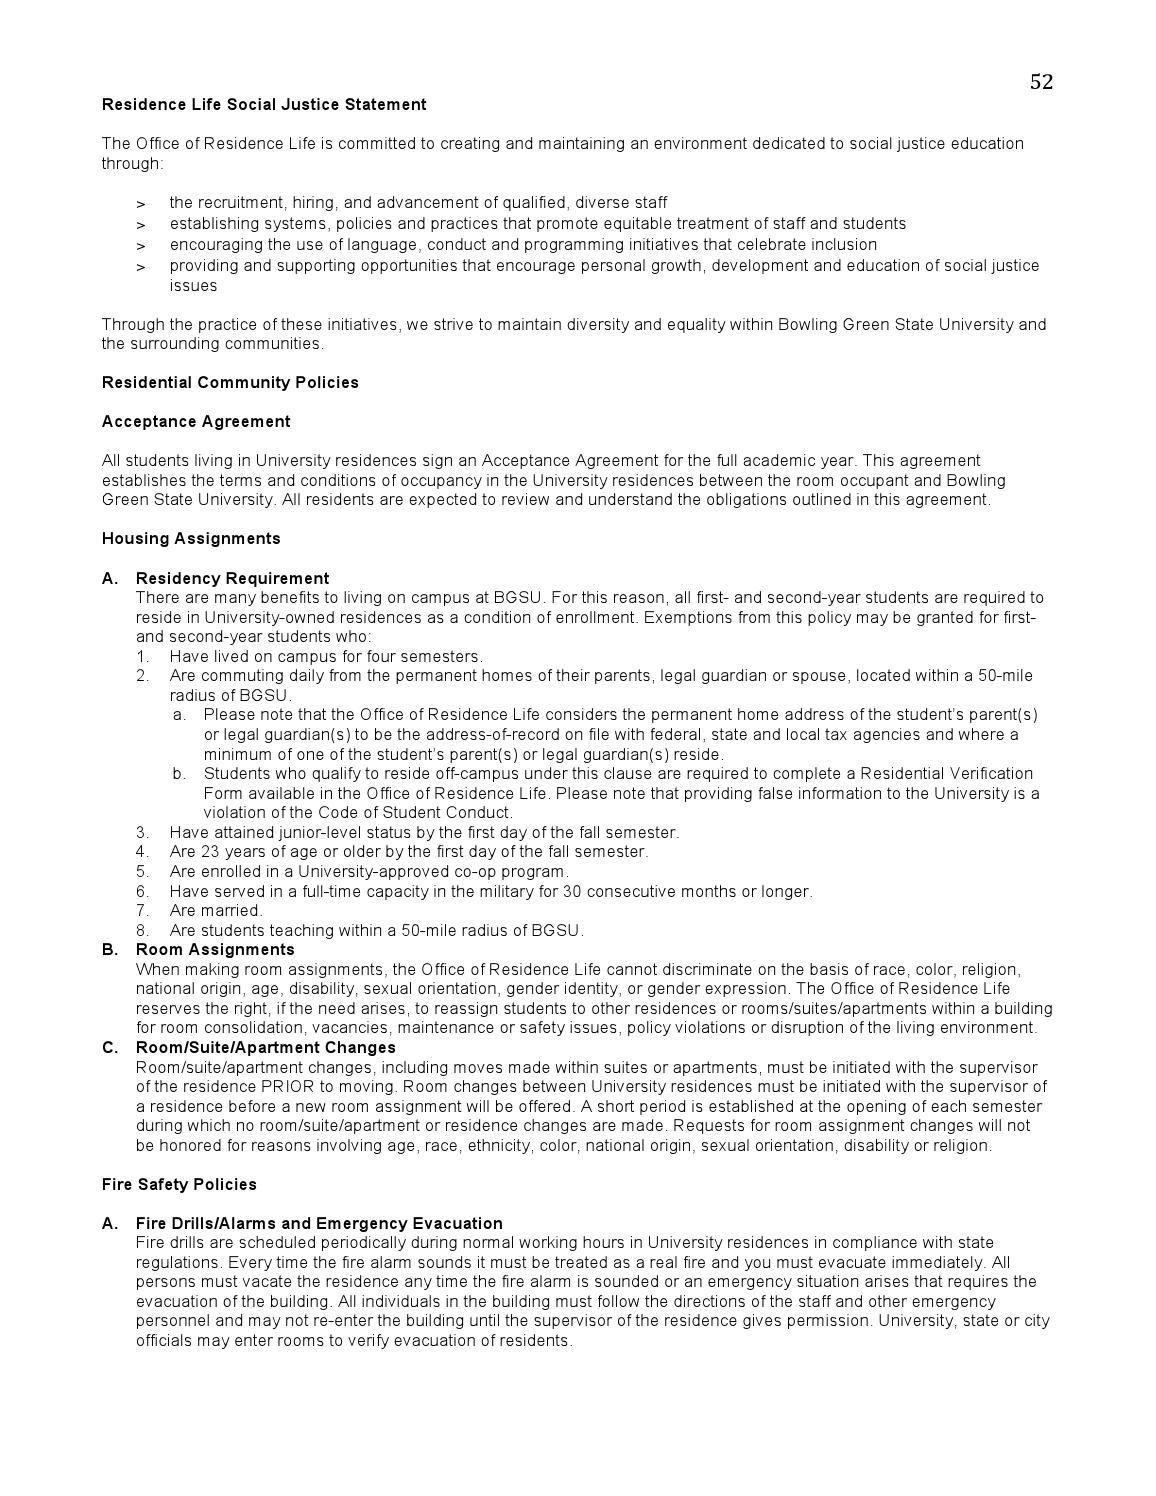 Filipino thesis tungkol sa teknolohiya